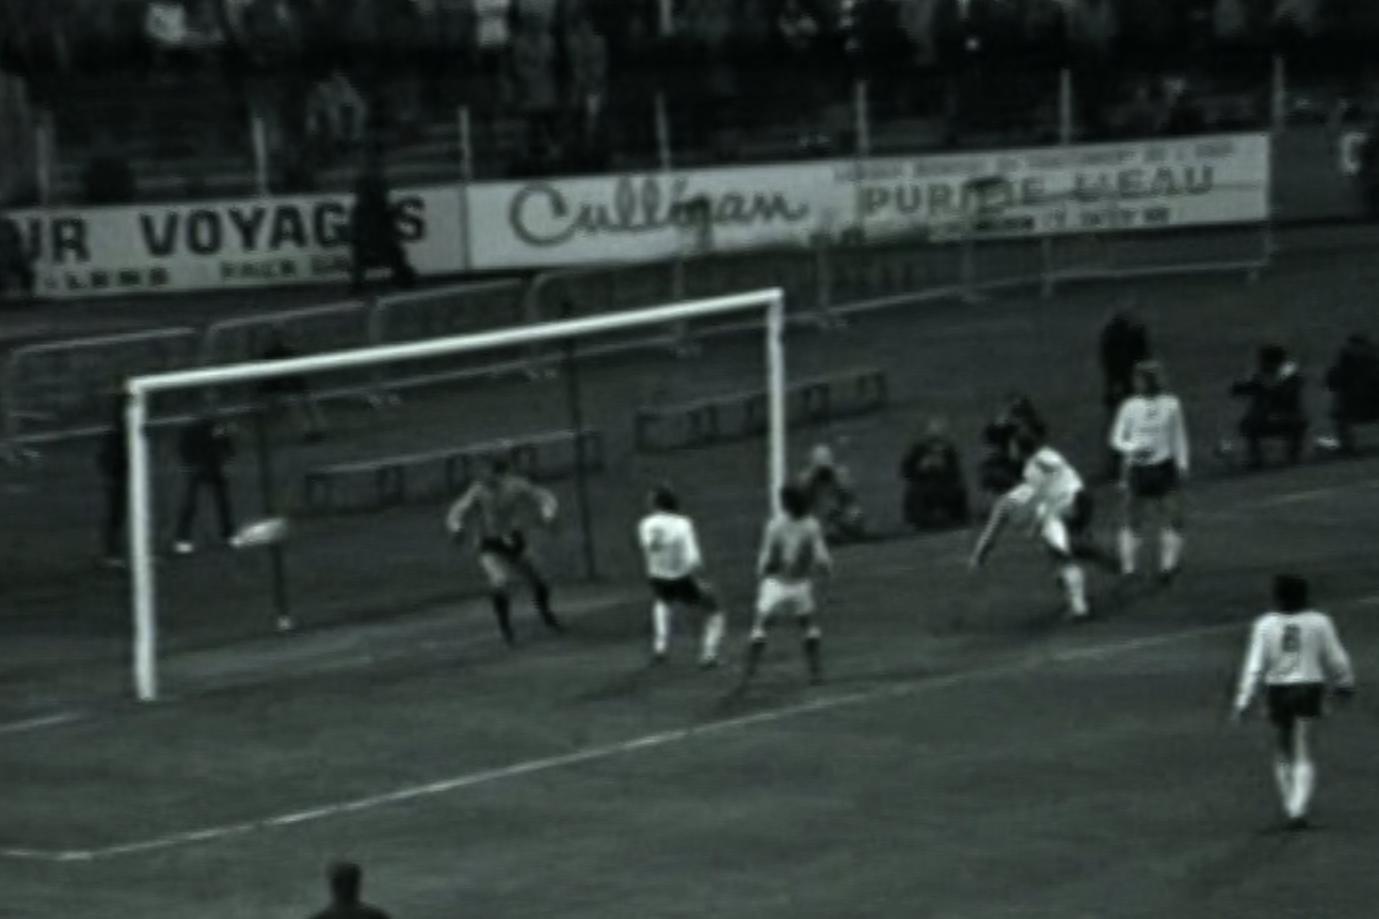 Nie upłynął nawet kwadrans, a gospodarze już cieszyli się z gola. Z rzutu wolnego dośrodkował kapitan Trójkolorowych Jean-Michel Larqué, a piłkę do siatki wpakował głową długowłosy Robert Pintenat.